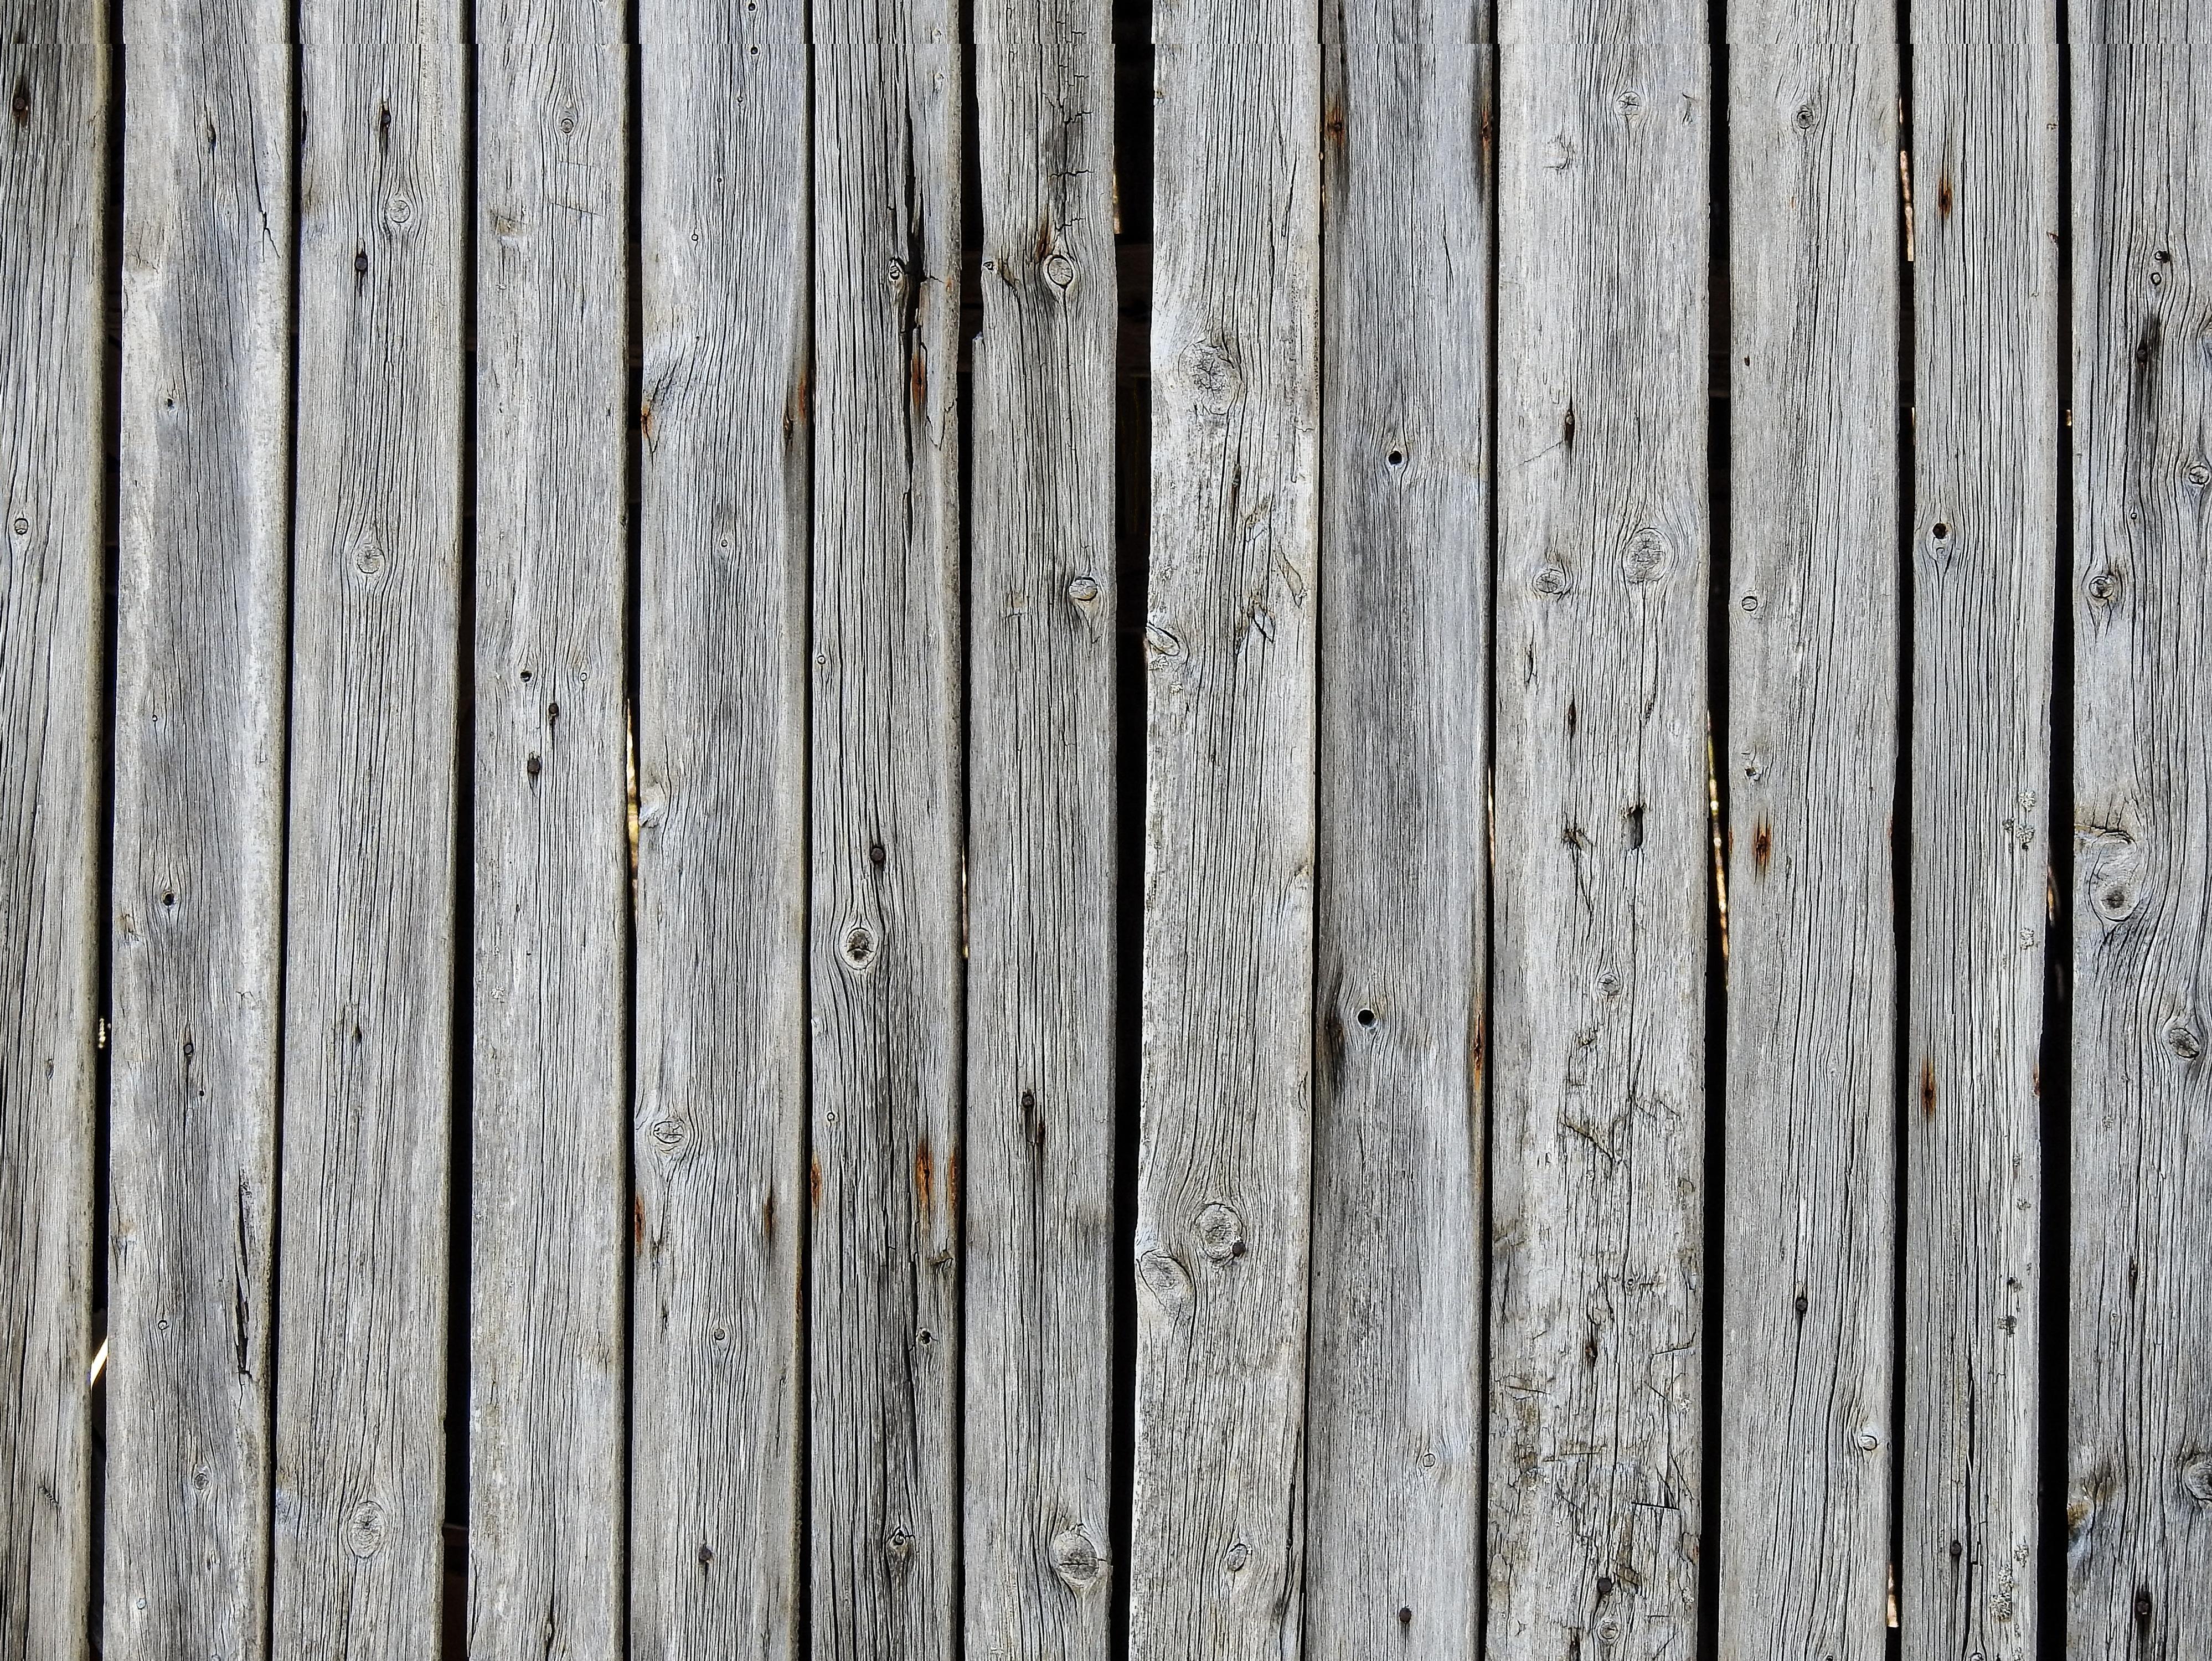 Planche En Bois Deco images gratuites : contexte, en bois, vieux, texture